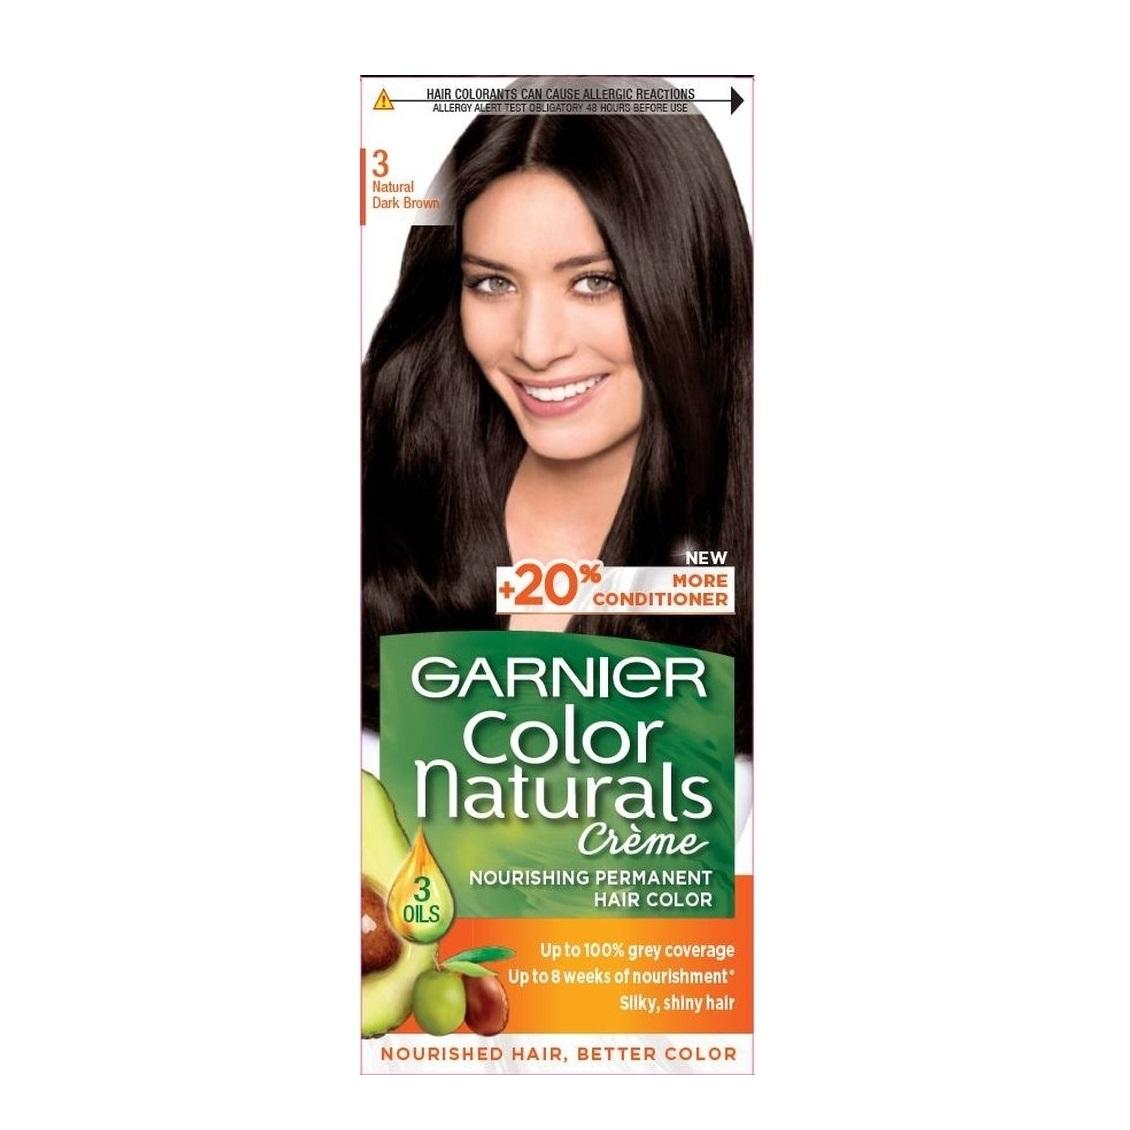 کیت رنگ مو گارنیر سری Color Naturals شماره 3